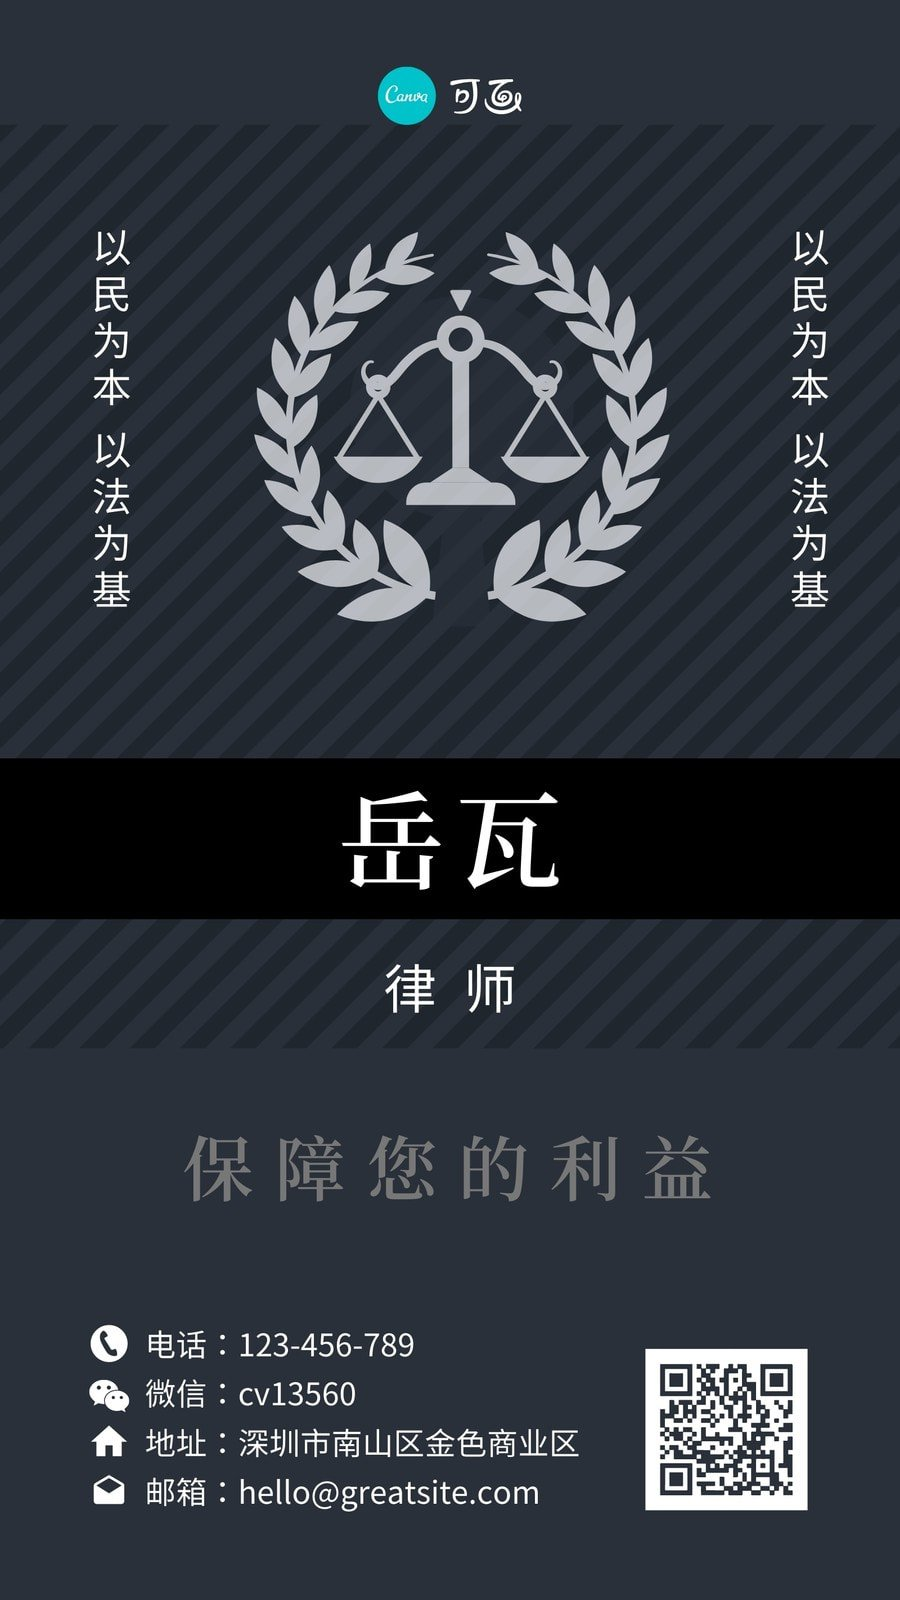 蓝灰色法律天平商务党政司法介绍中文电子名片